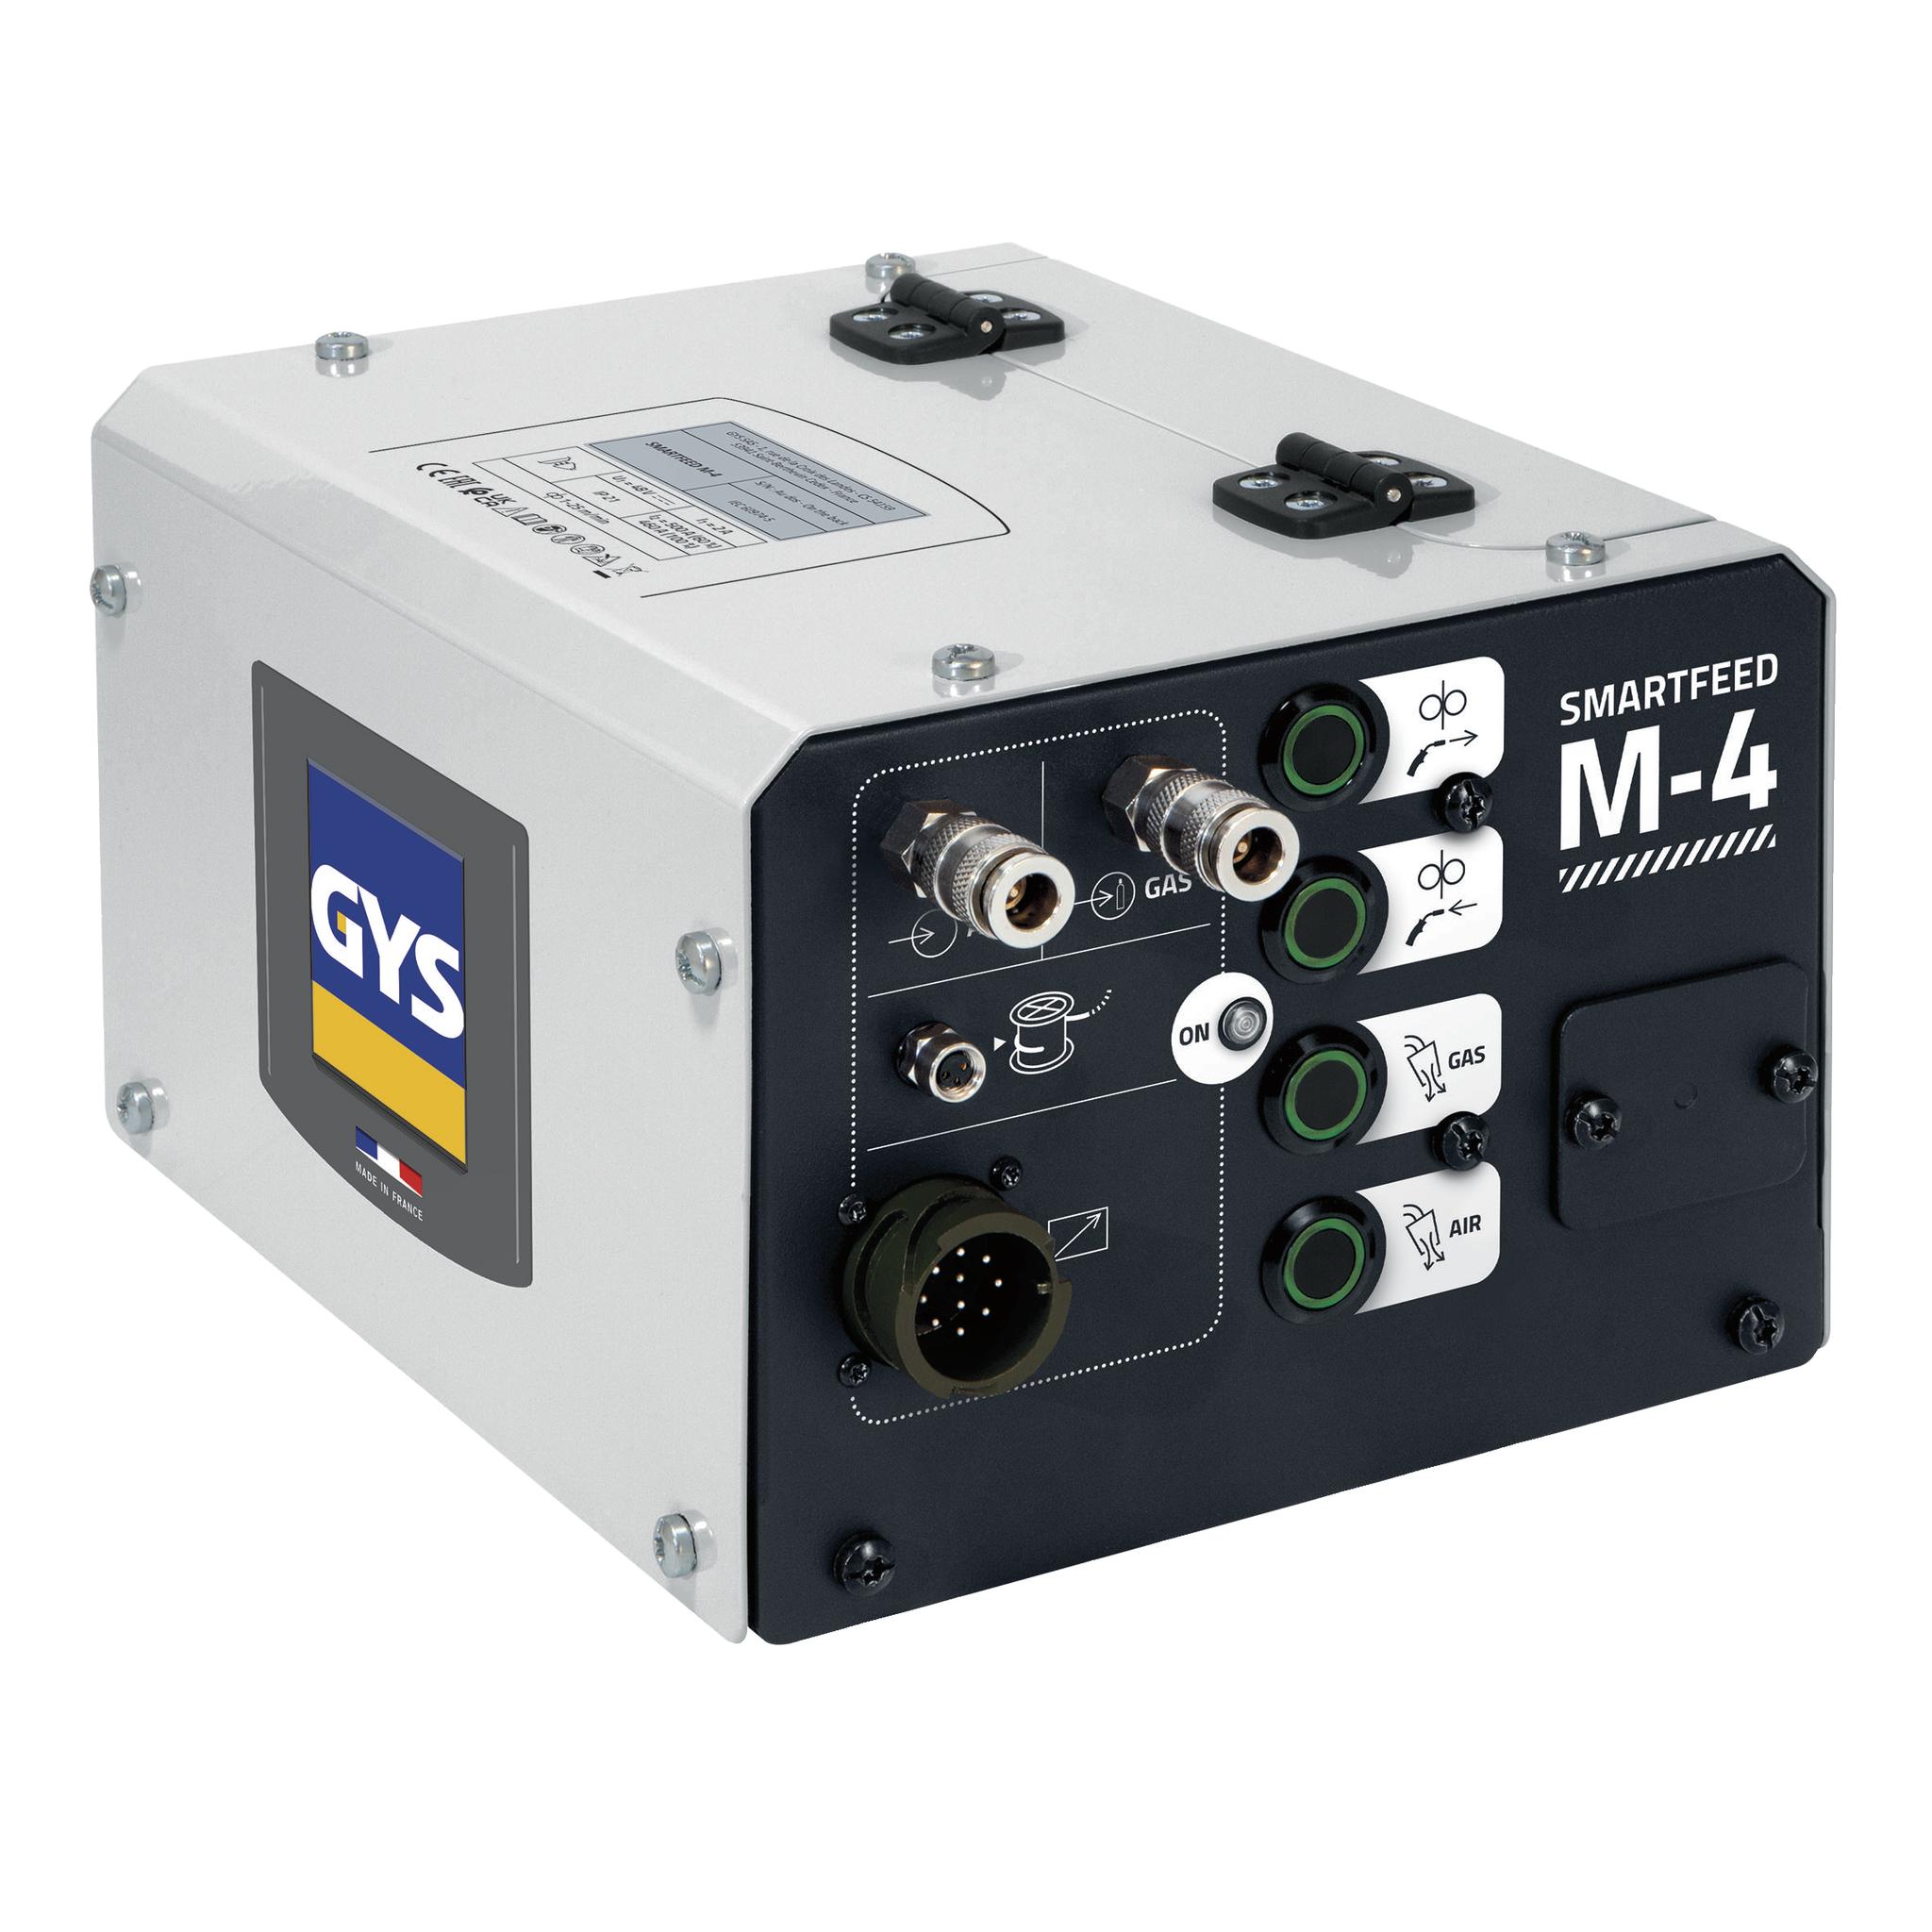 GYS Drahtvorschubkoffer SMARTFEED M-4 066618